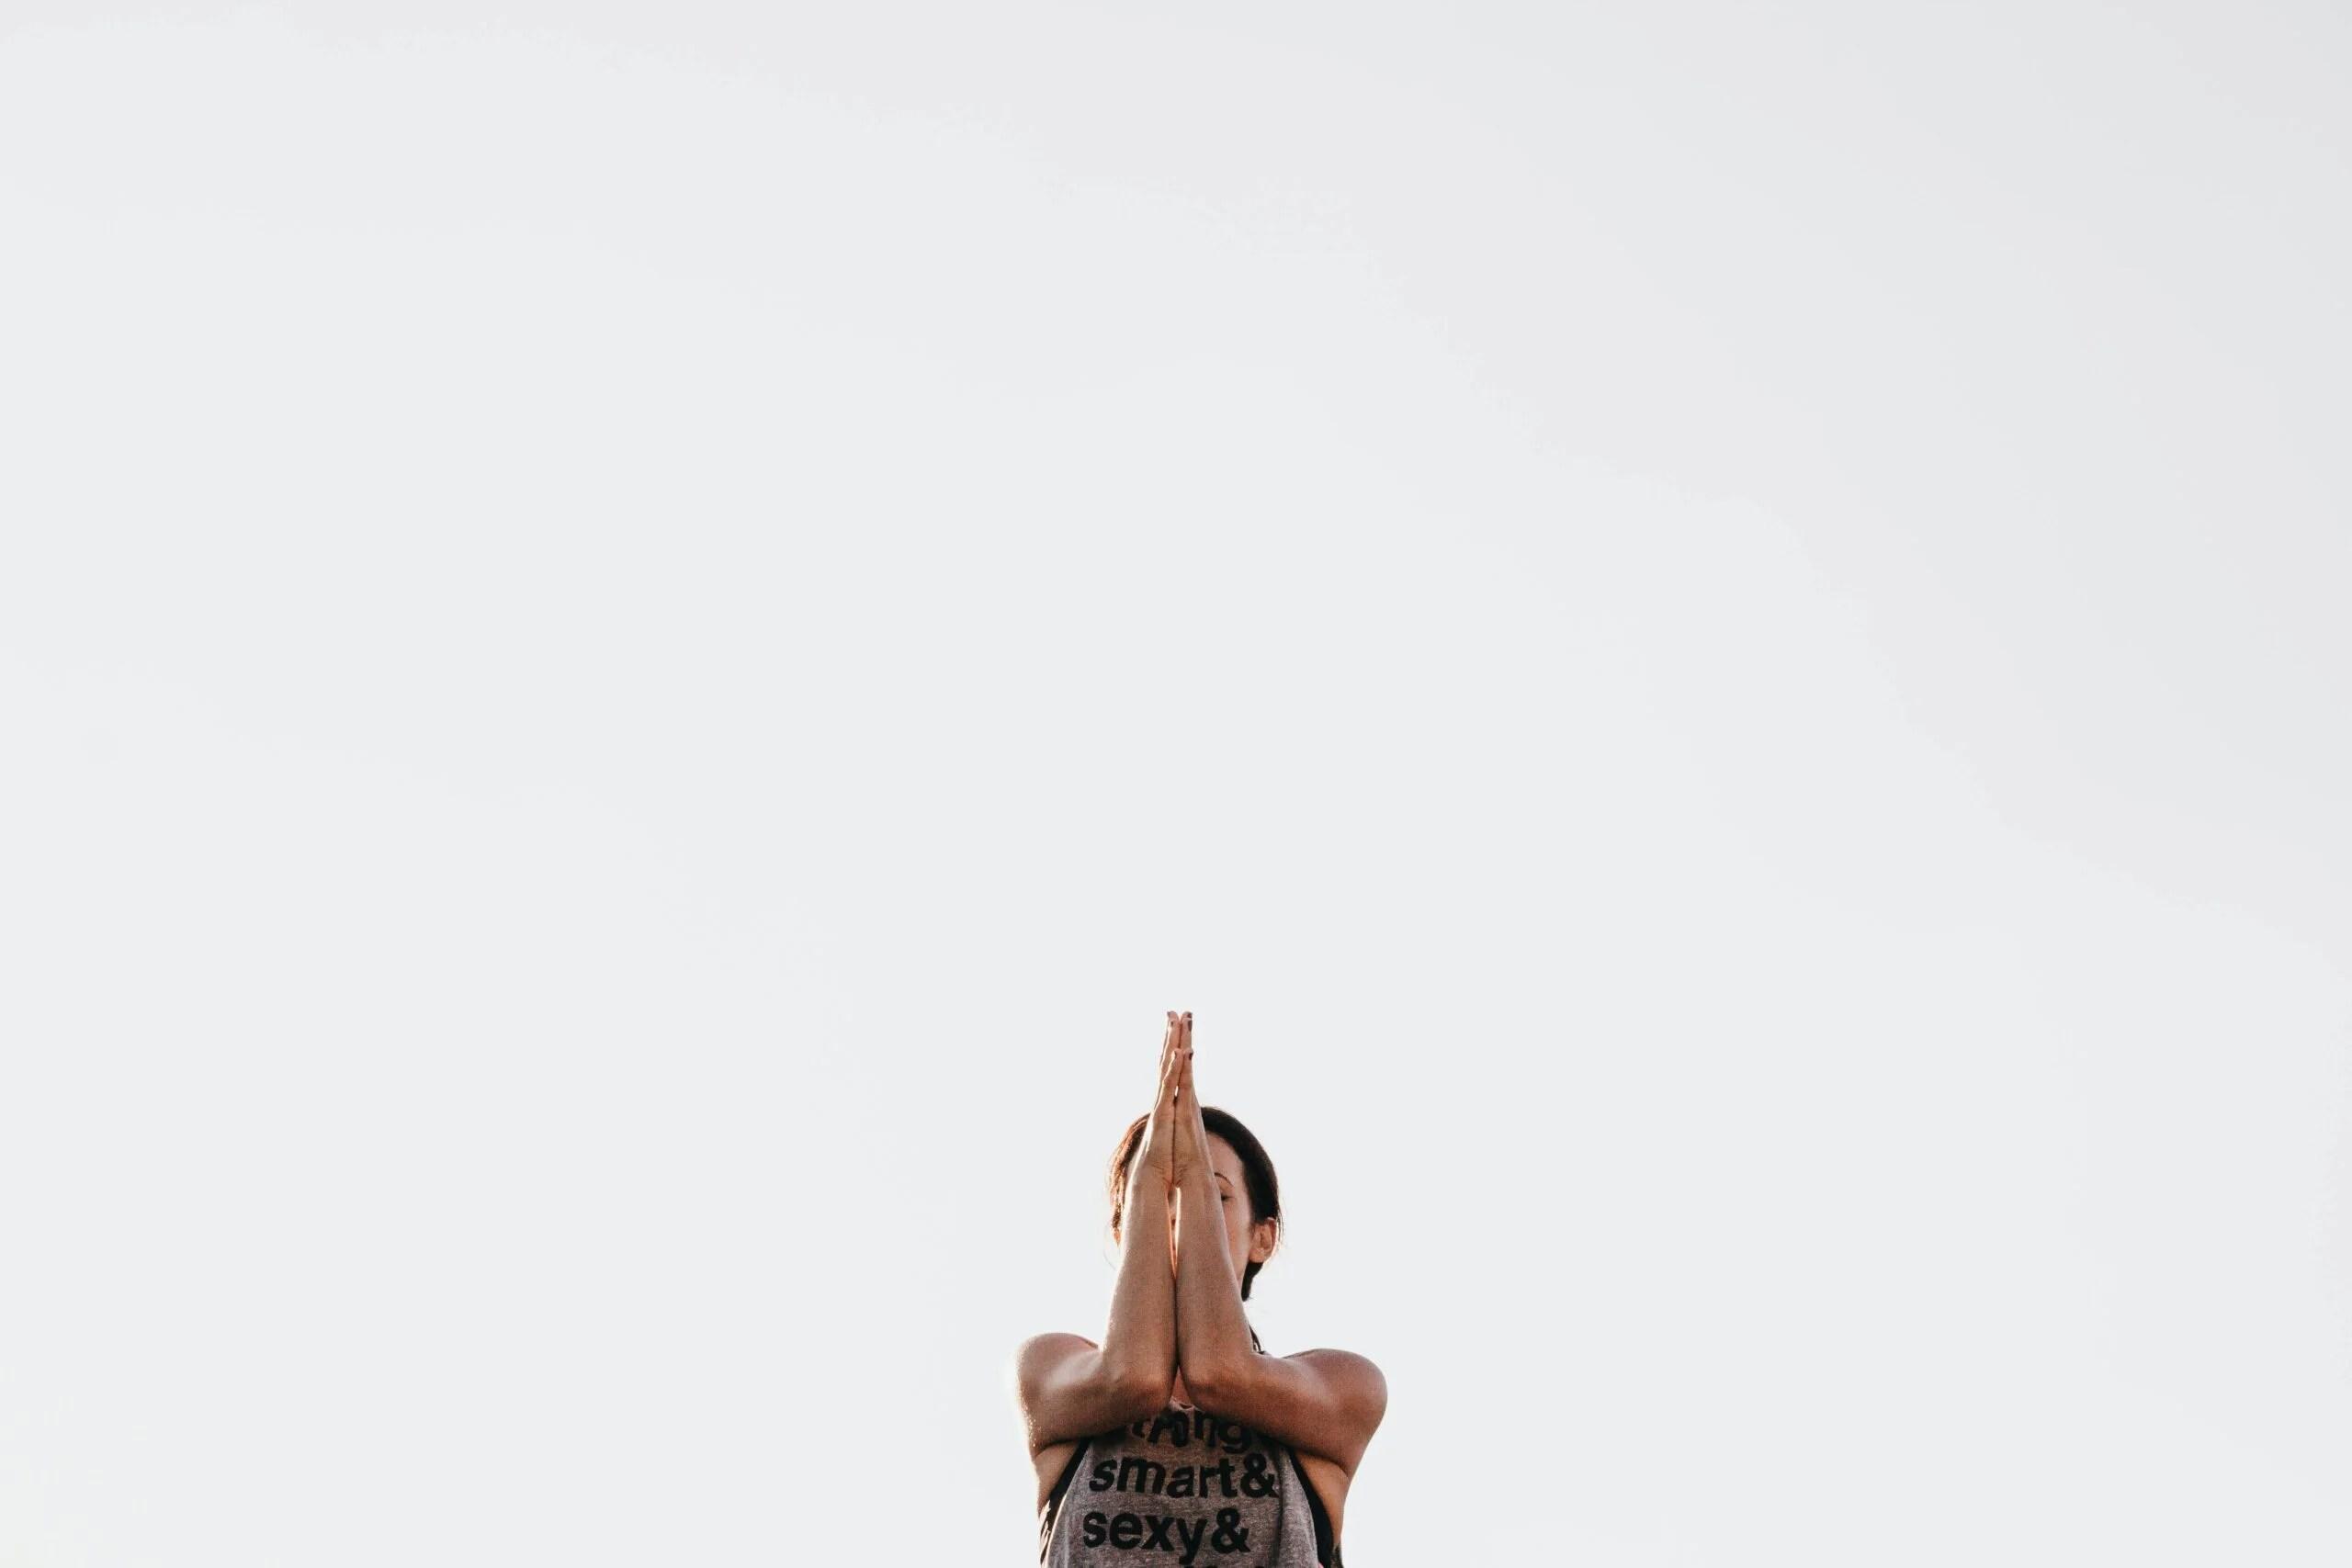 YOGA-GEBET & AFFIRMATION | Yoga als Weg zur inneren Weisheit